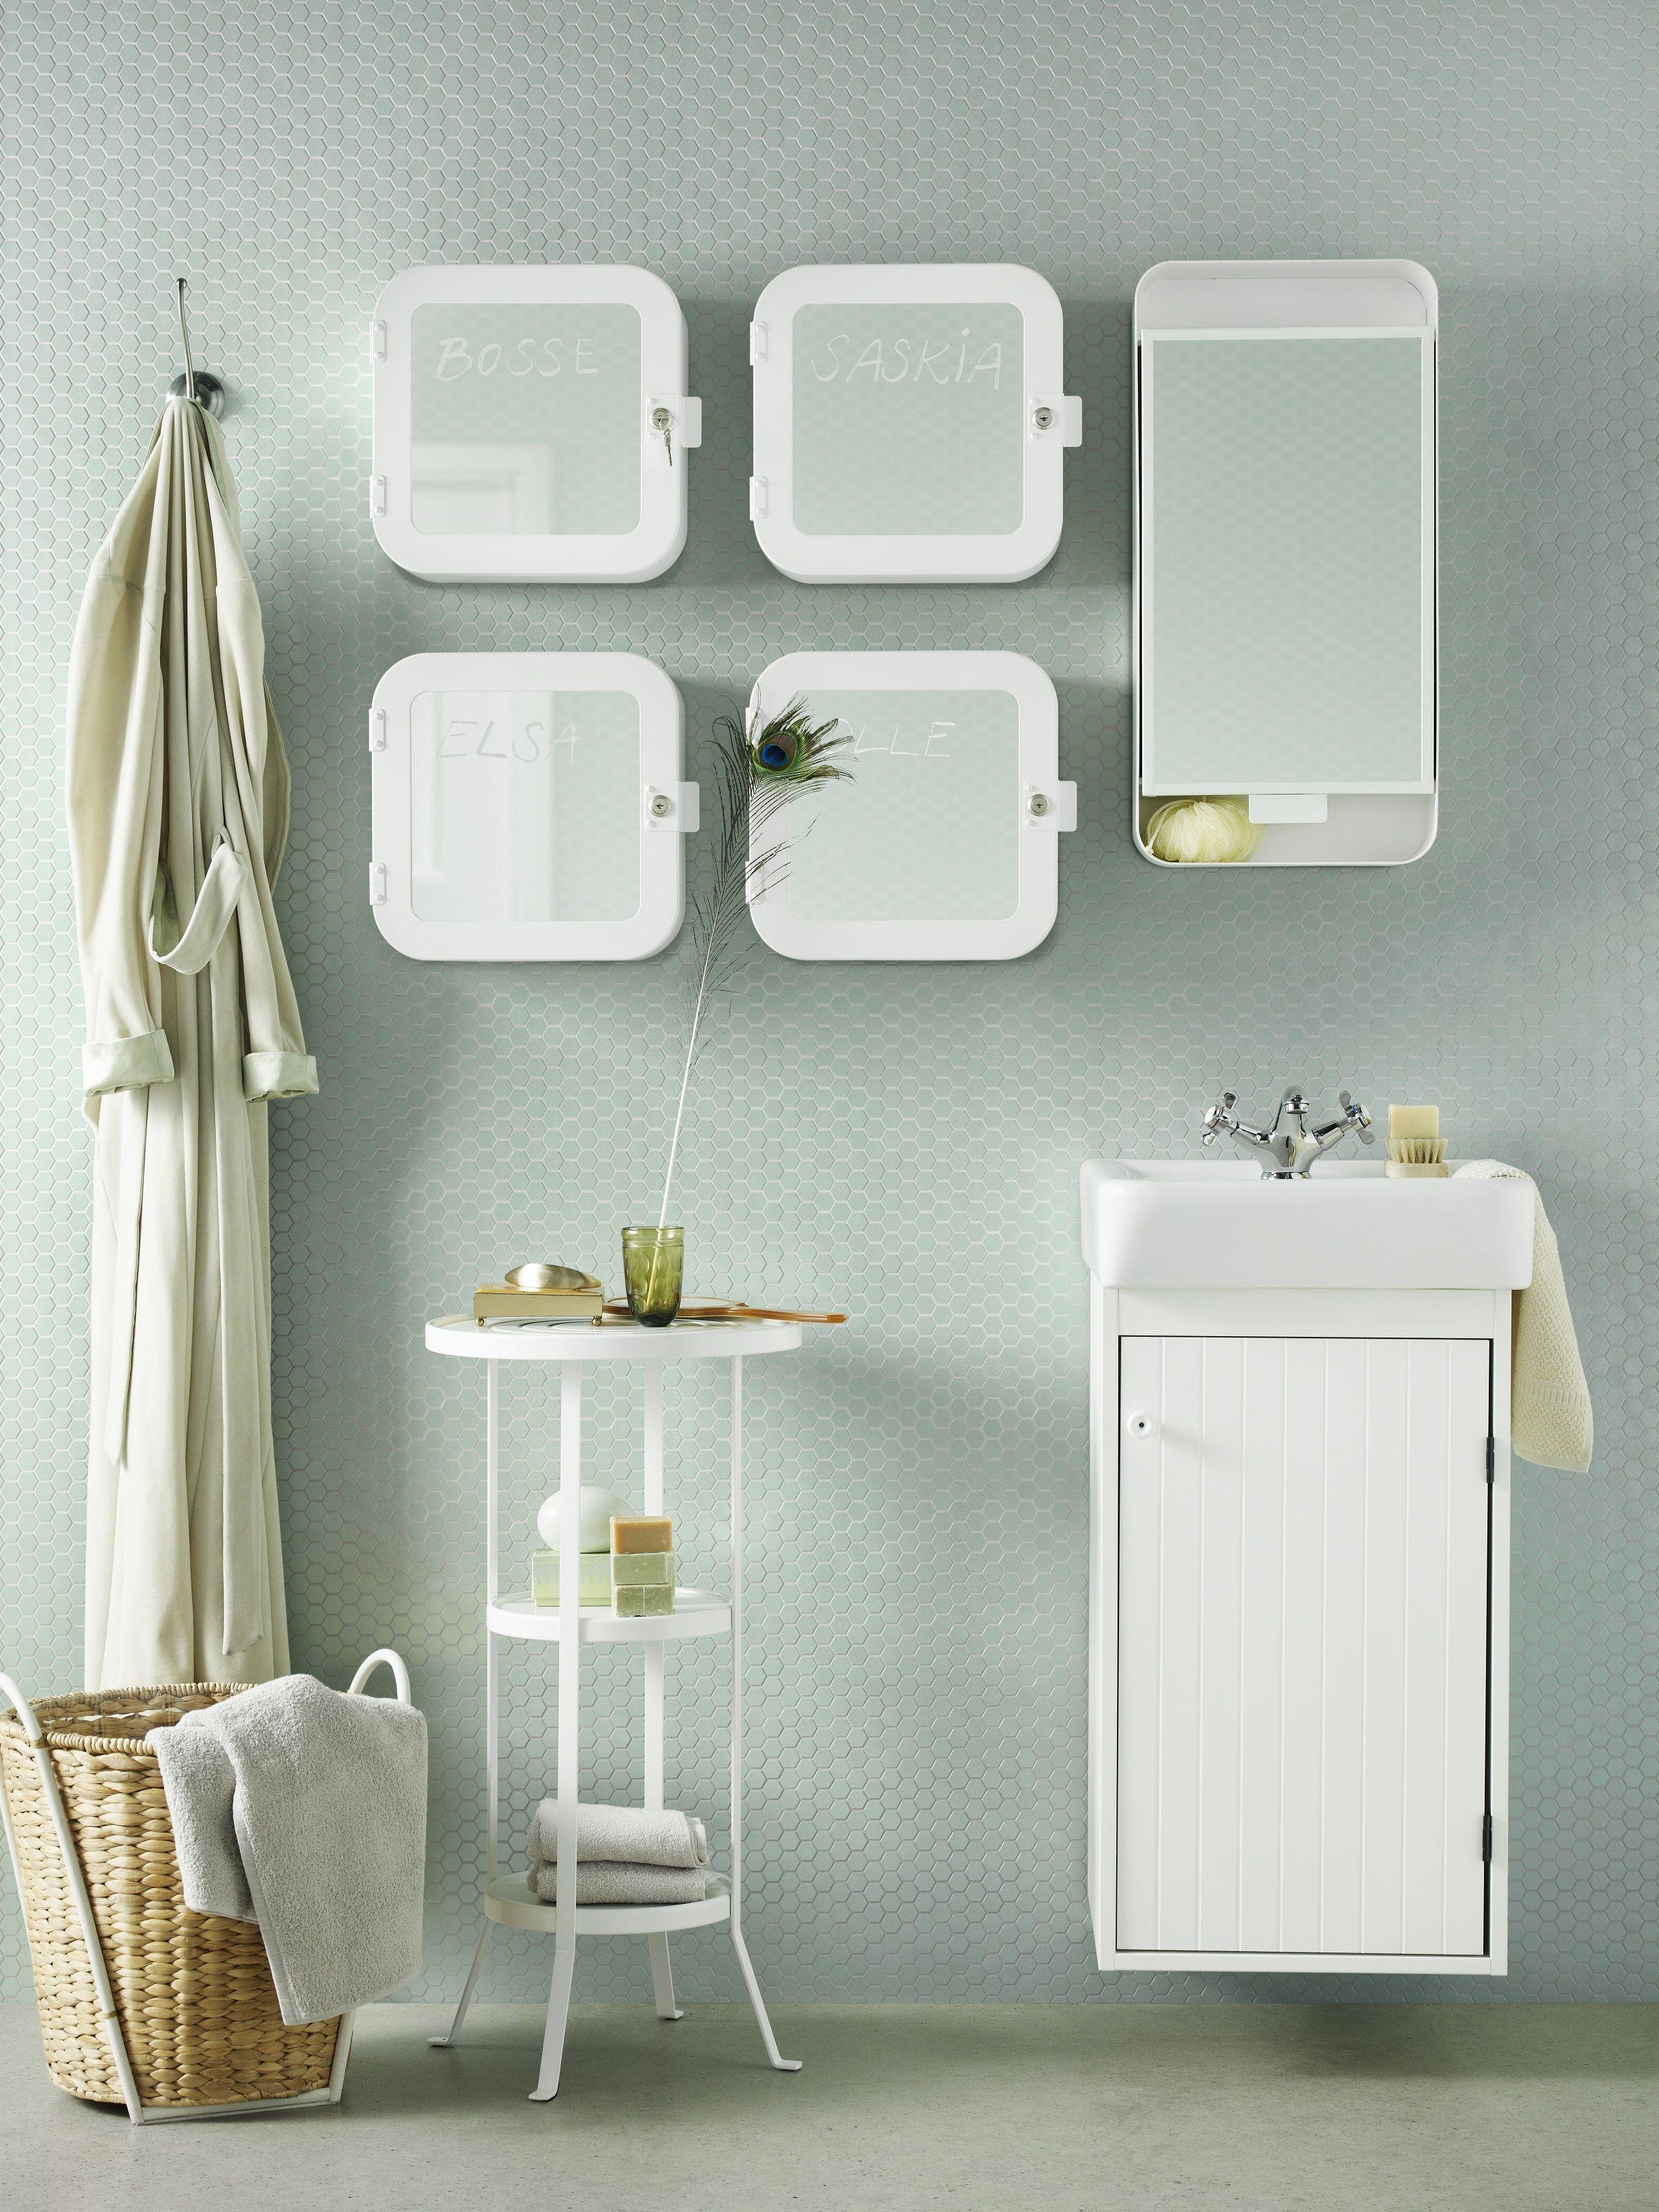 GUNNERN tafeltje | #IKEA #IKEAnl #inspiratie #badkamer #opruimen ...